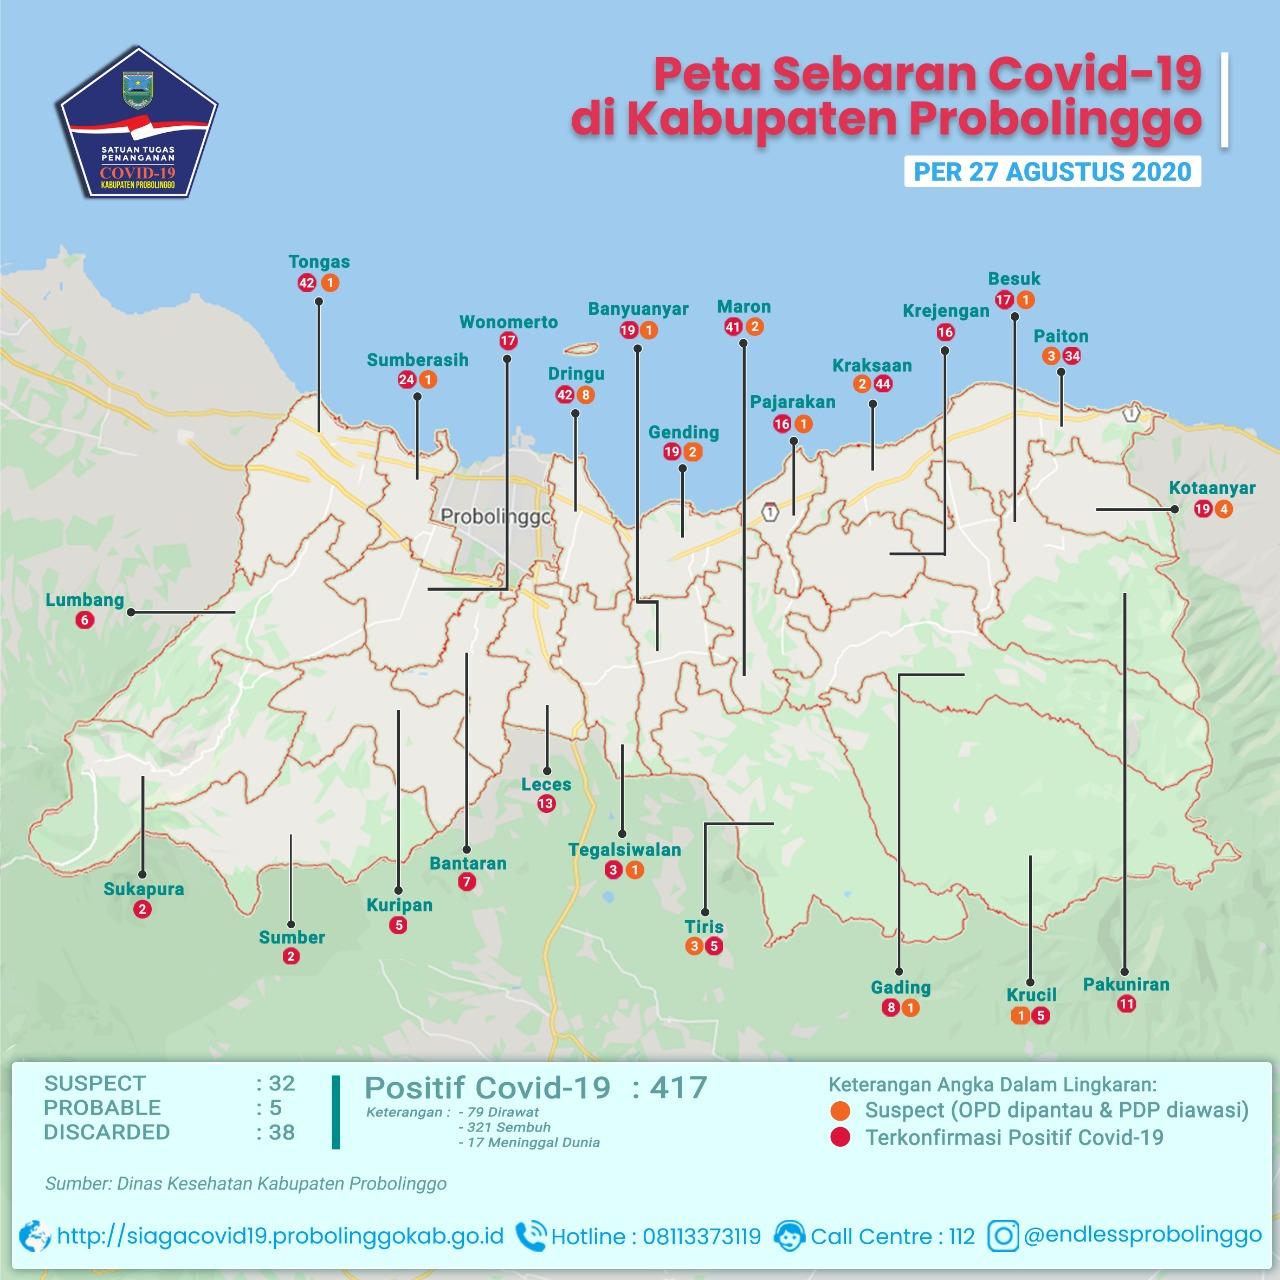 Peta Sebaran Covid-19 di Kabupaten Probolinggo per 27 Agustus 2020